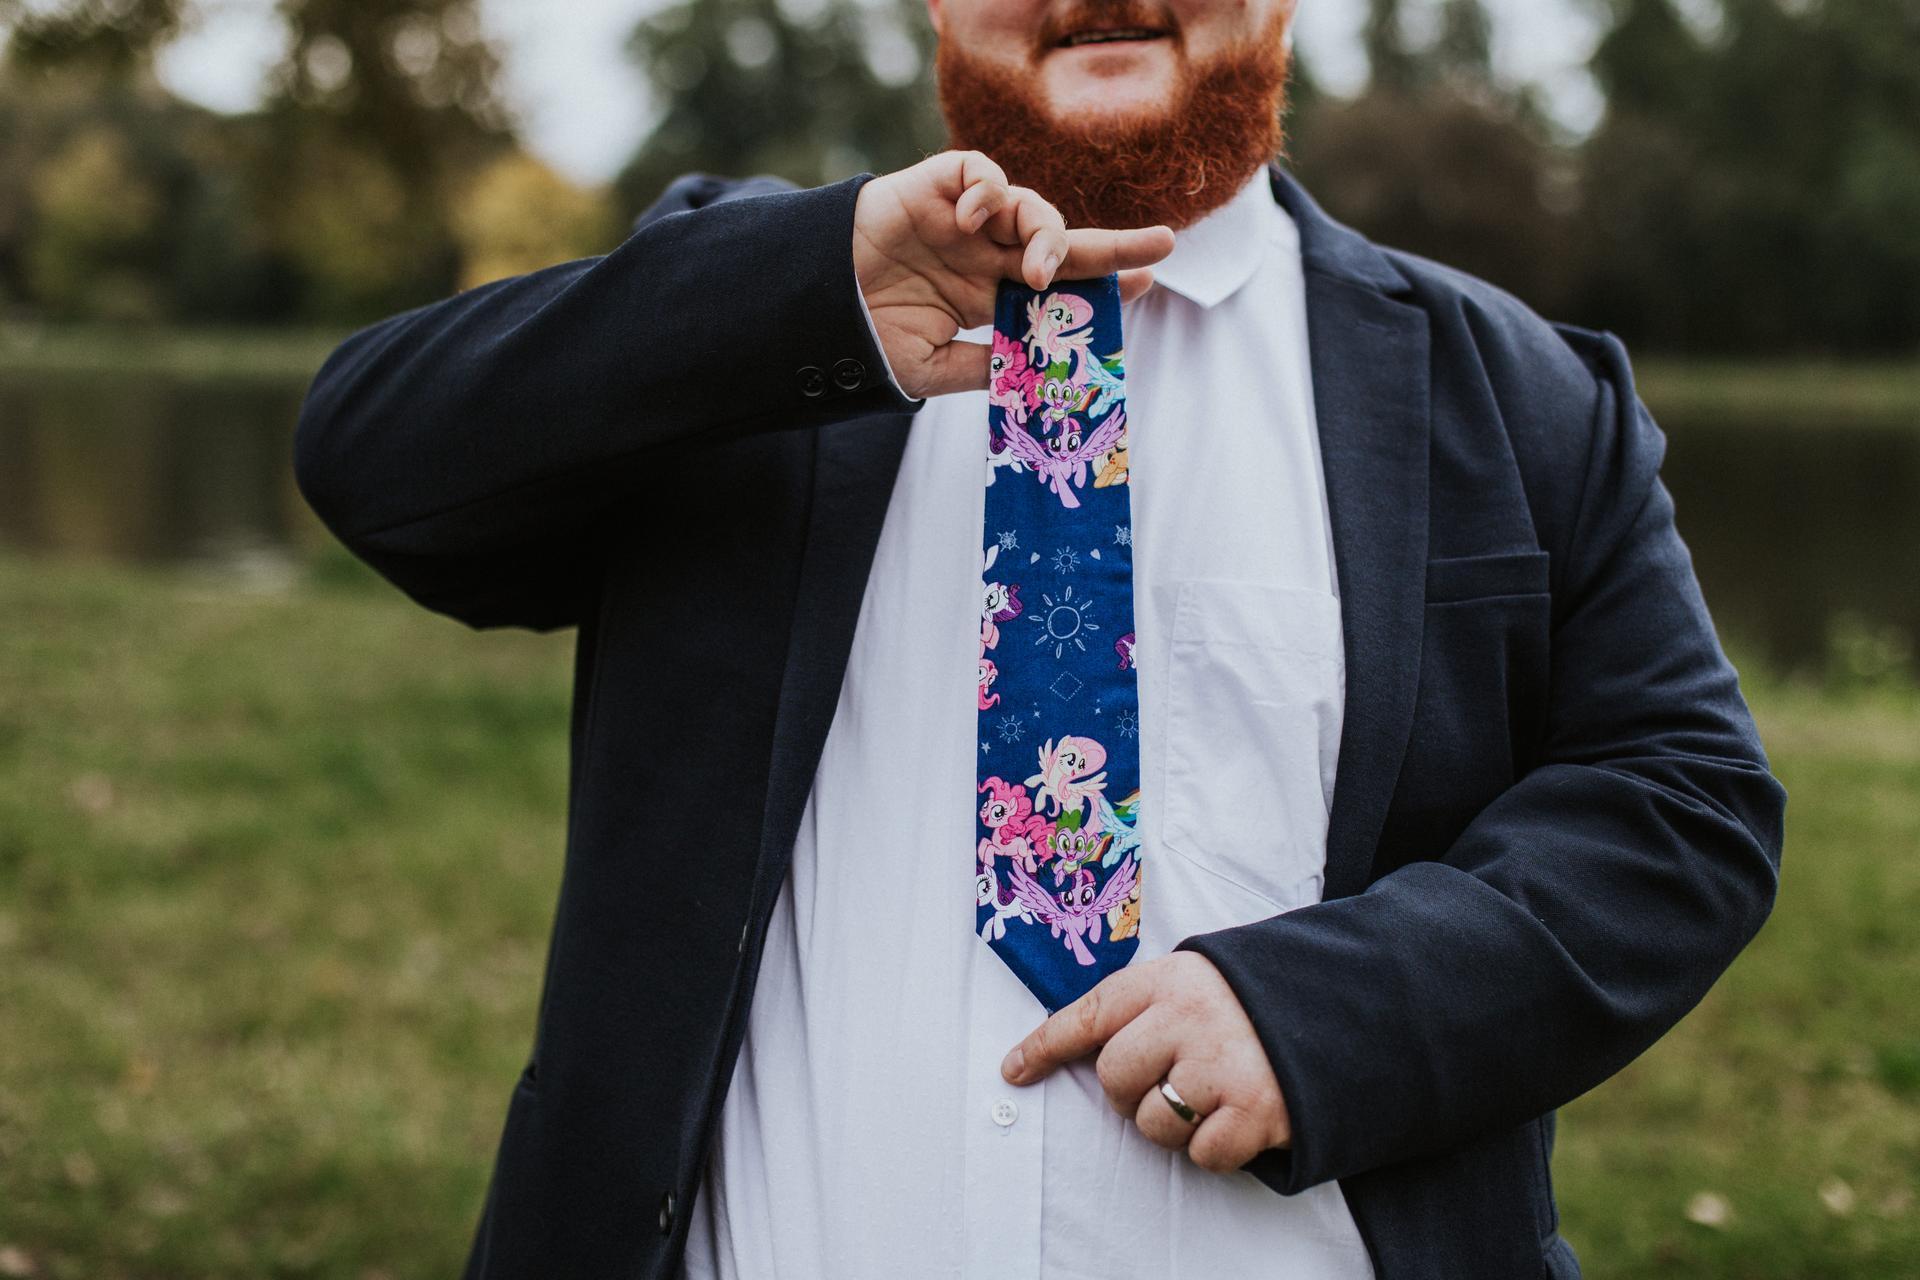 J+J - chtěl poníkovou kravatu, no tak jsem mu sehnala poníkovou kravatu :-D